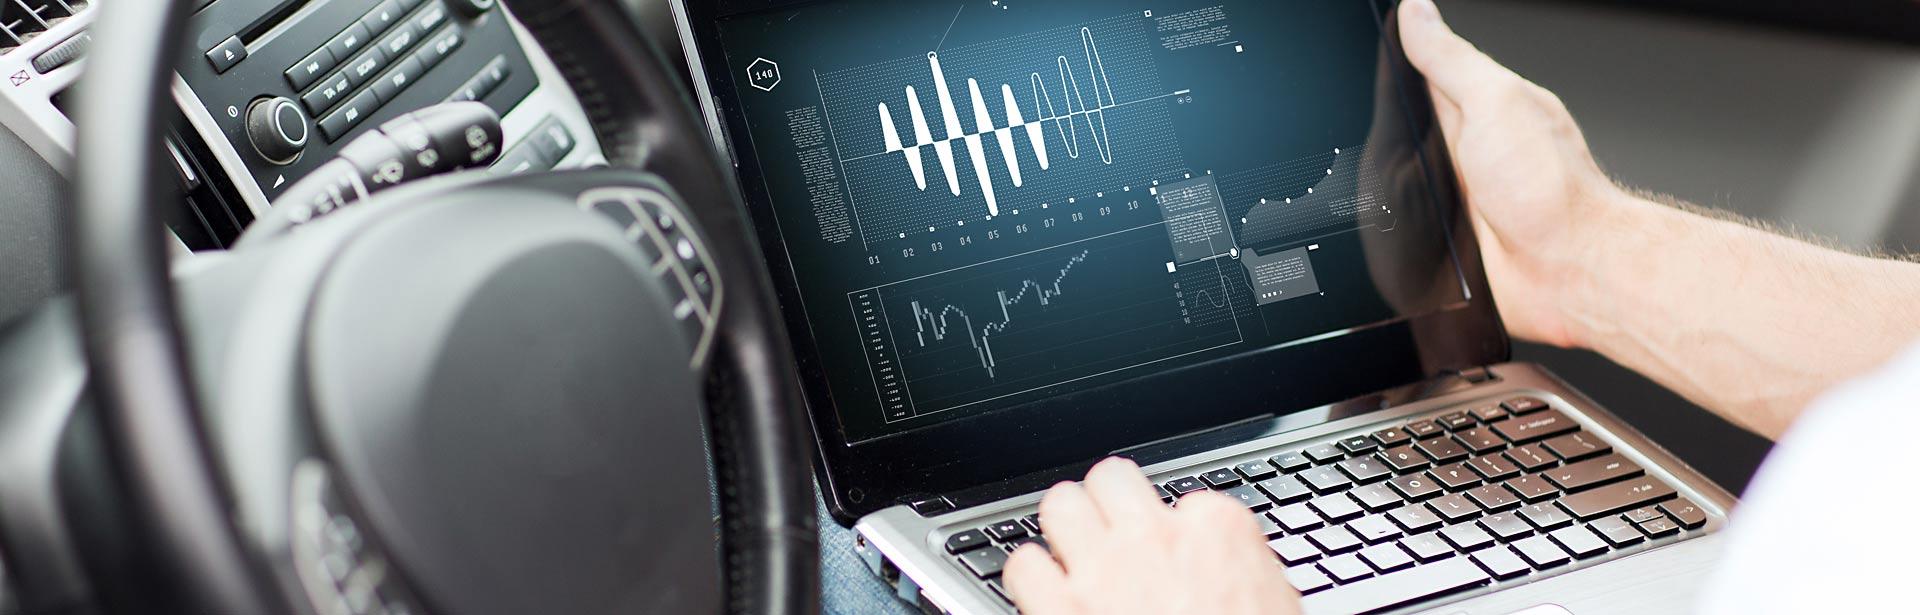 Zugang zu technischen Informationen der Fahrzeughersteller | GVA Gesamtverband Autoteile-Handel e.V.